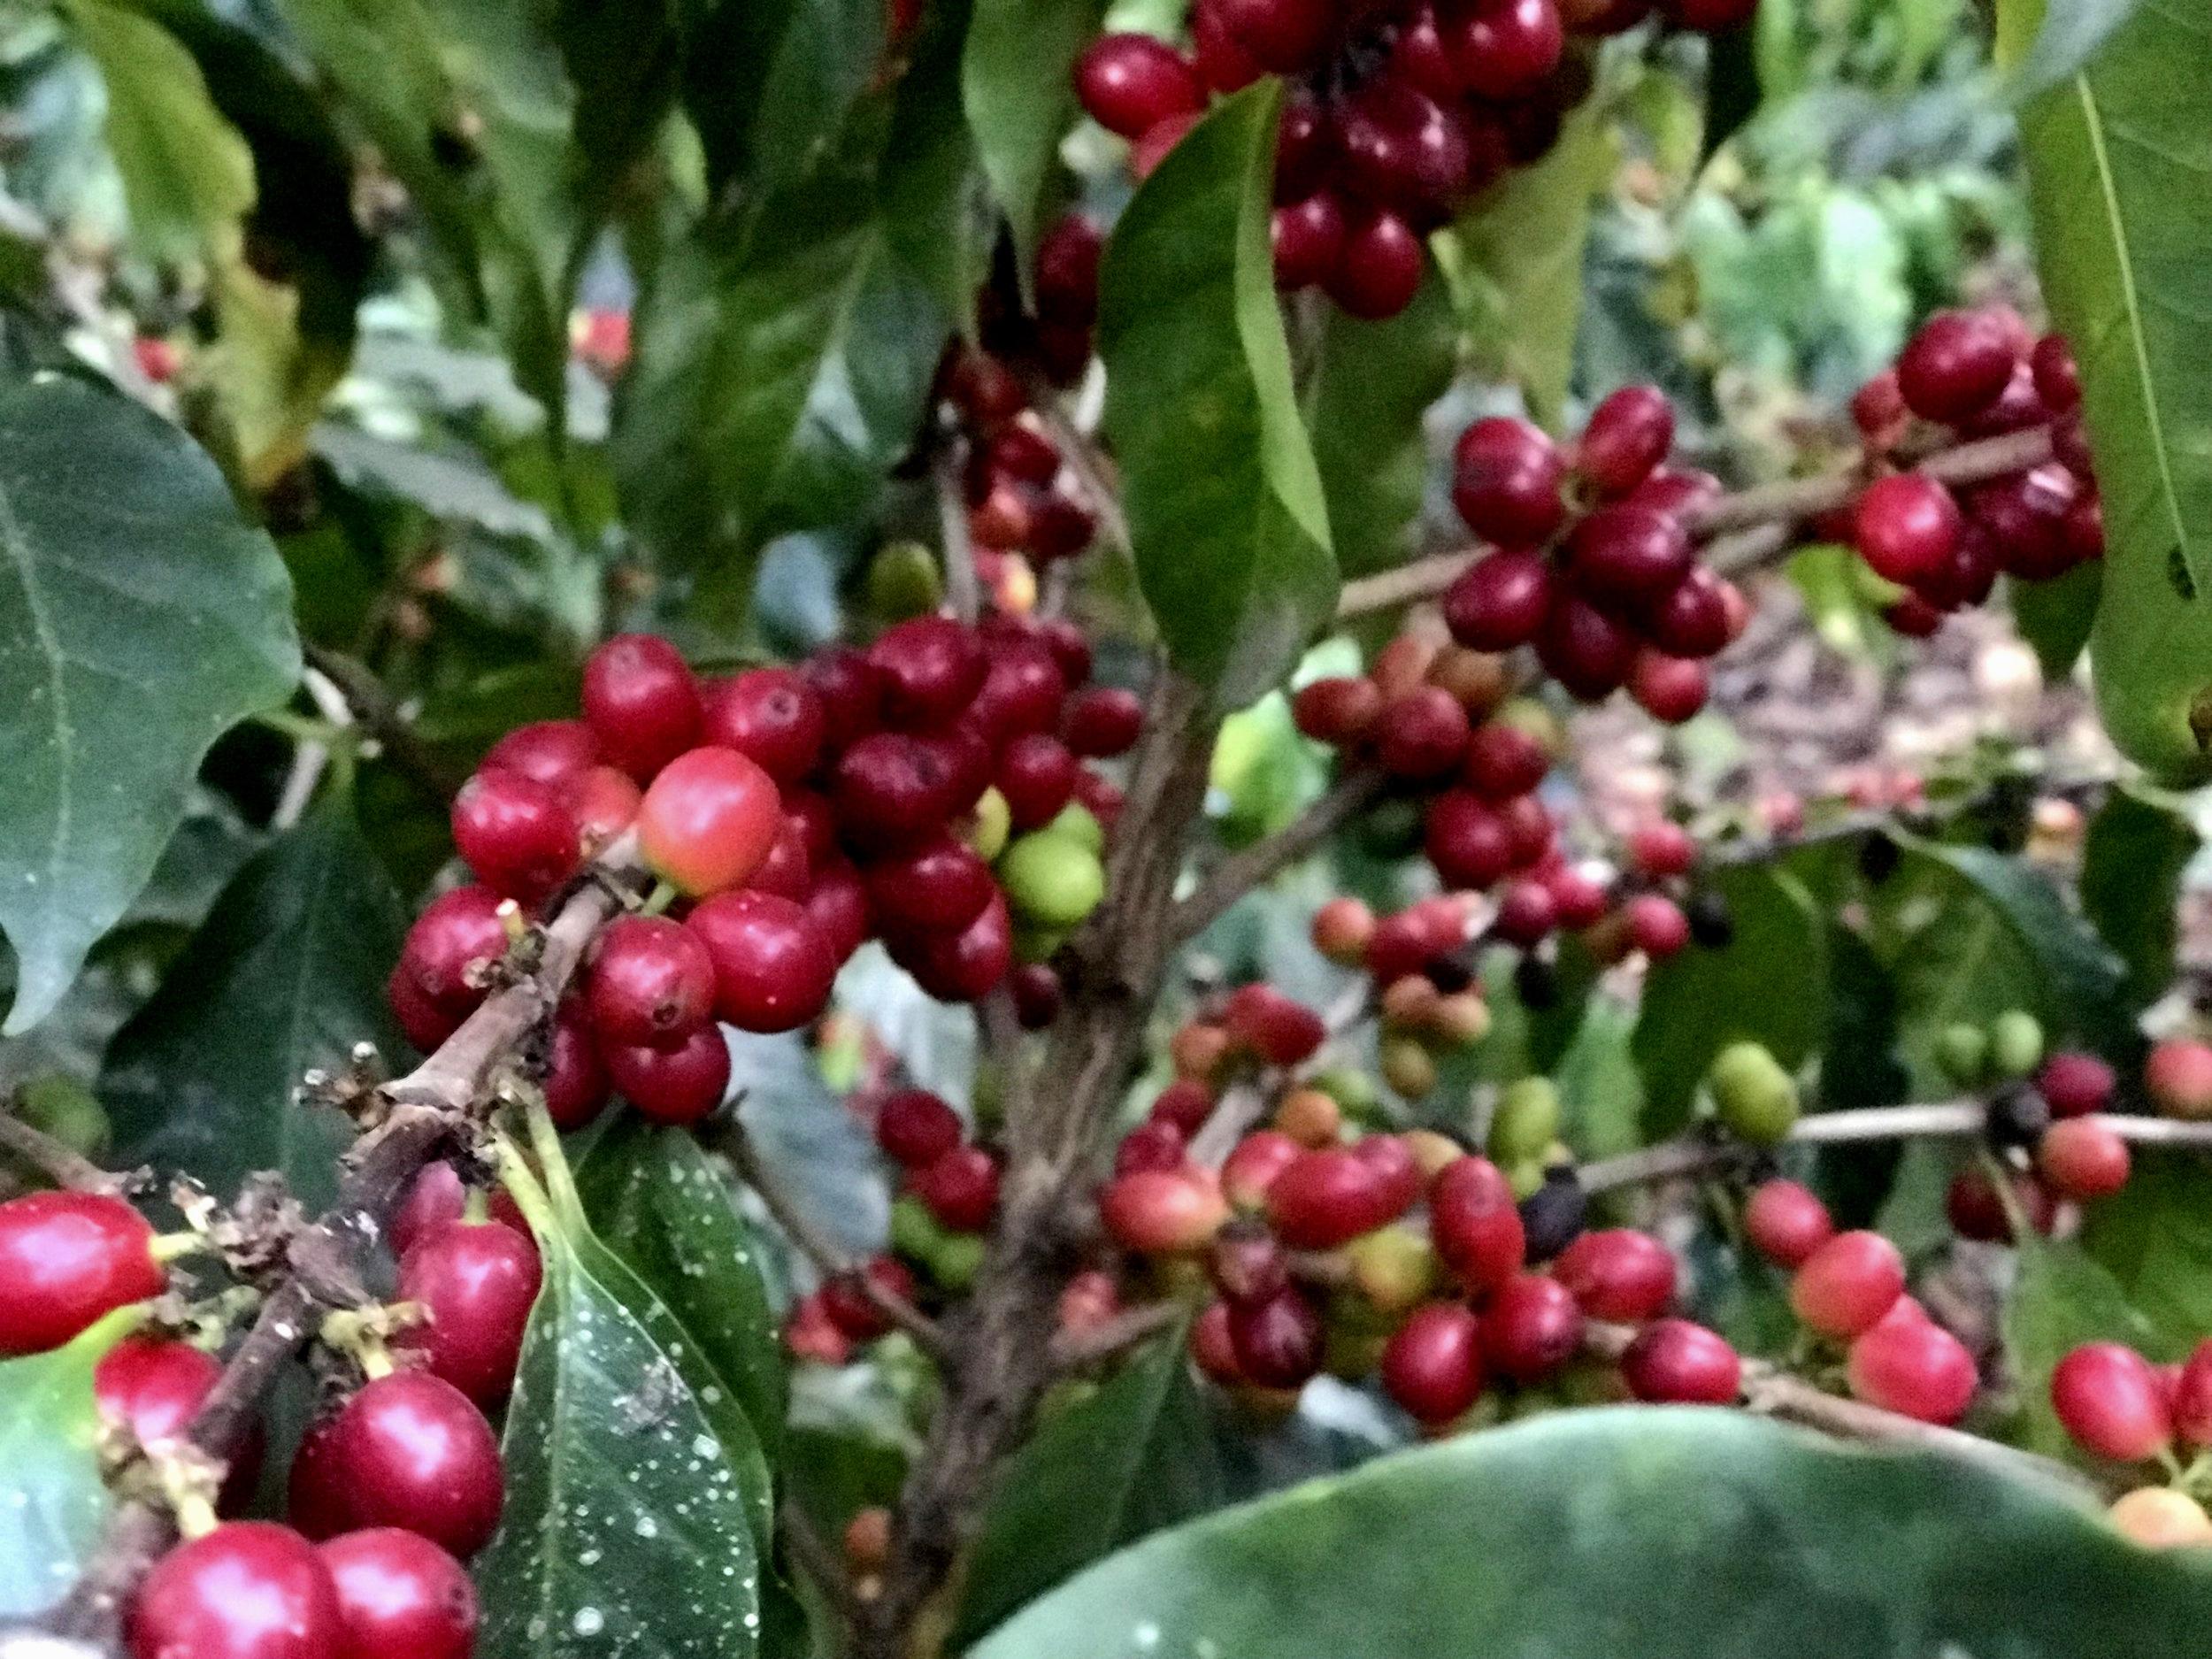 Coffee+cherries+growing.jpg